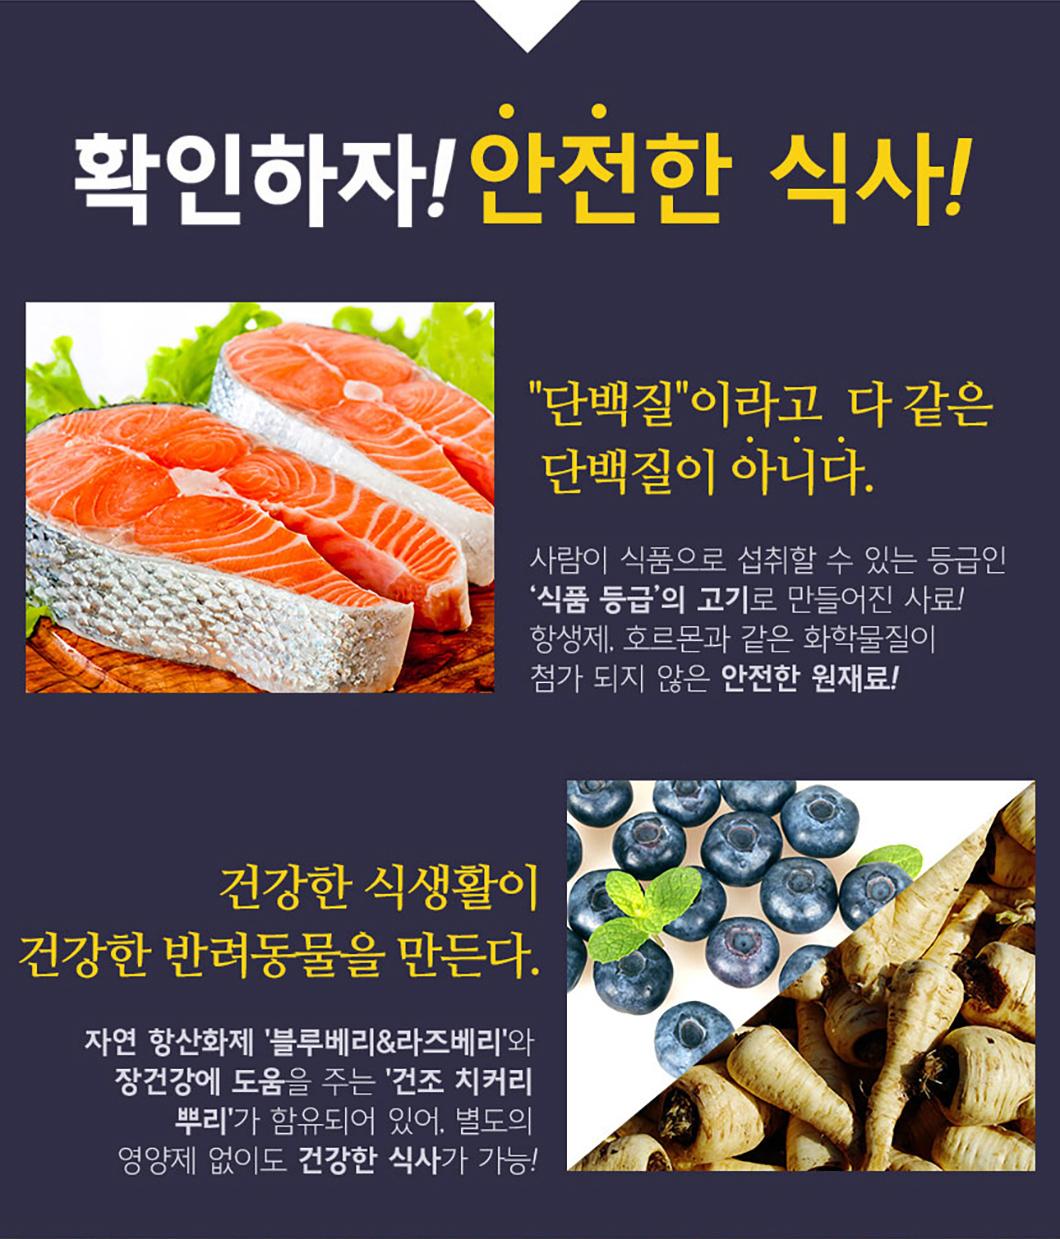 [강아지고양이사료]-TOW-토우-11종_1_07.jpg